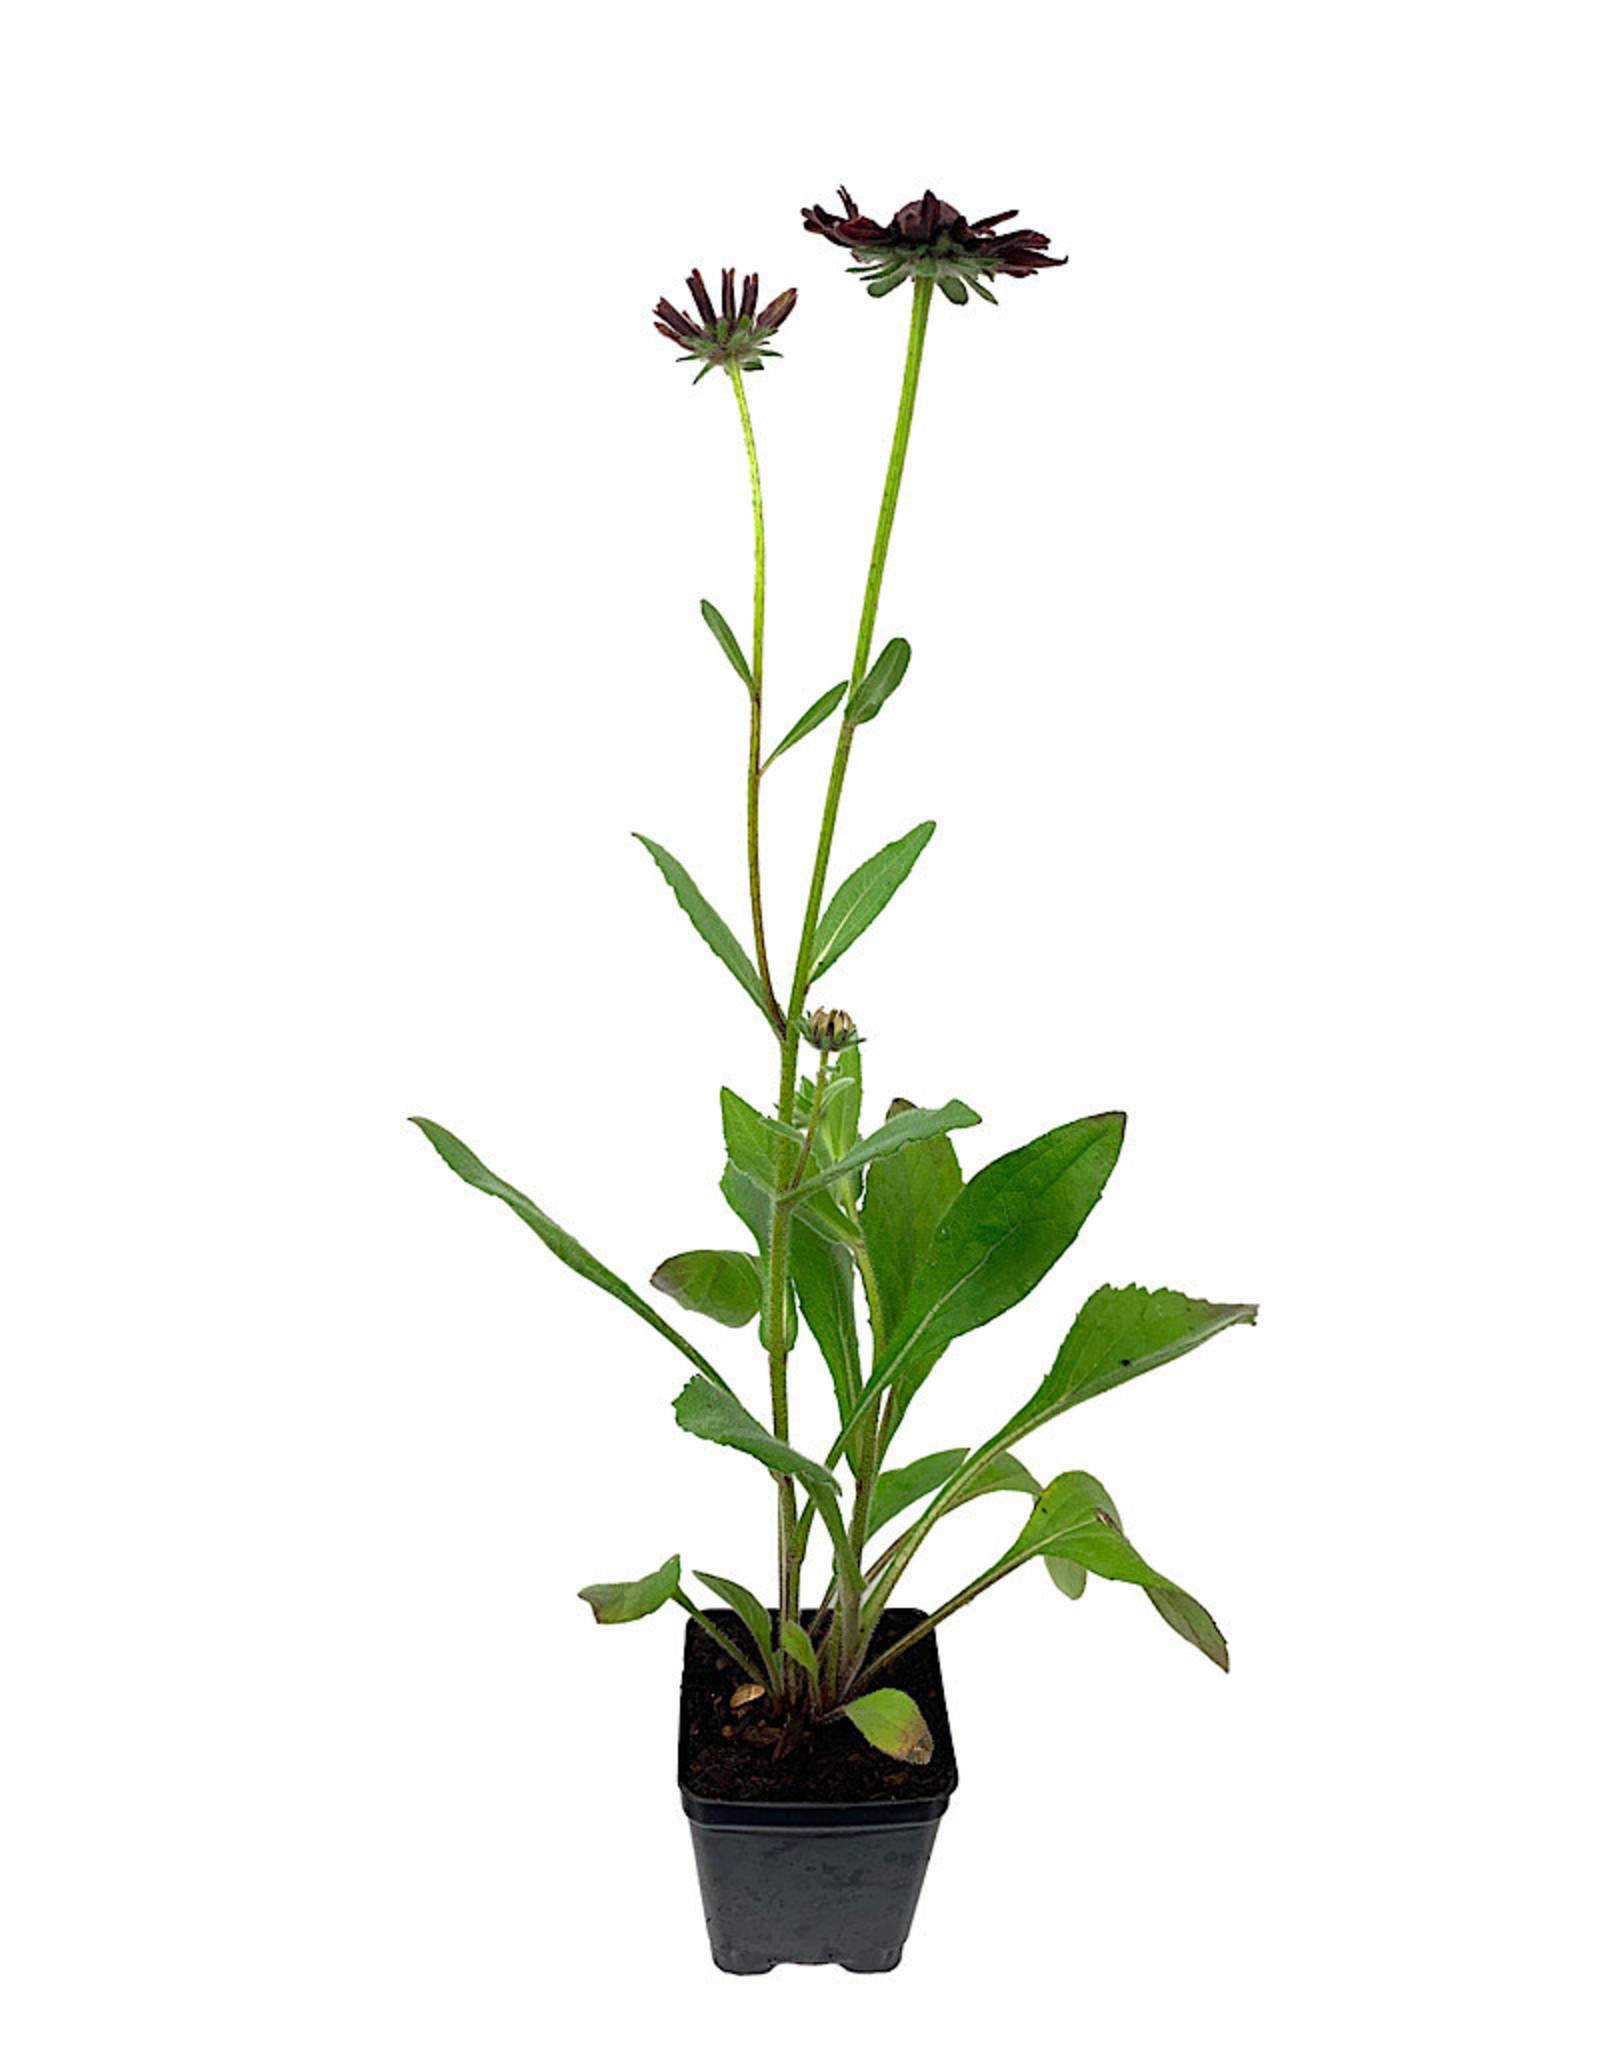 Rudbeckia 'Cherry Brandy' 4 Inch